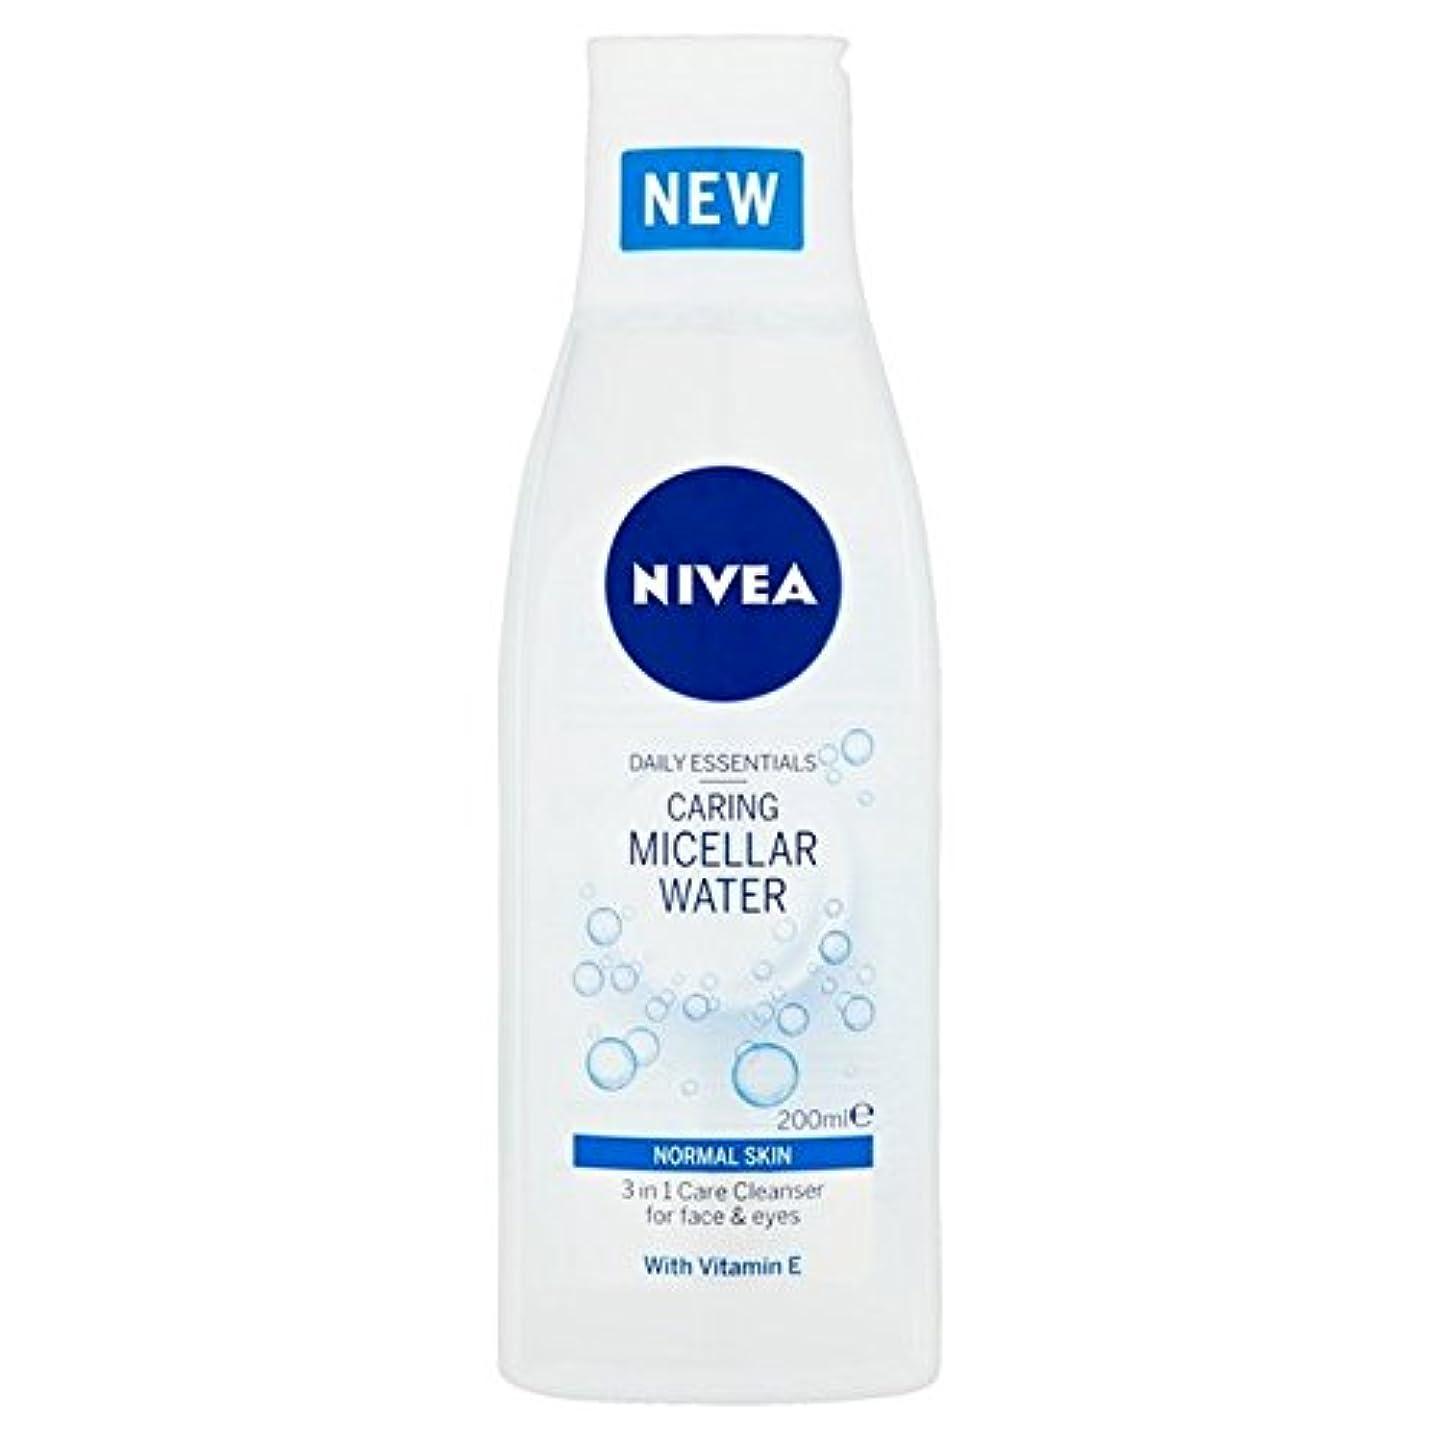 芝生下位水星Nivea 3 in 1 Sensitive Caring Micellar Water Normal Skin 200ml - 1つの敏感な思いやりのあるミセル水の正常な皮膚の200ミリリットルでニベア3 [並行輸入品]